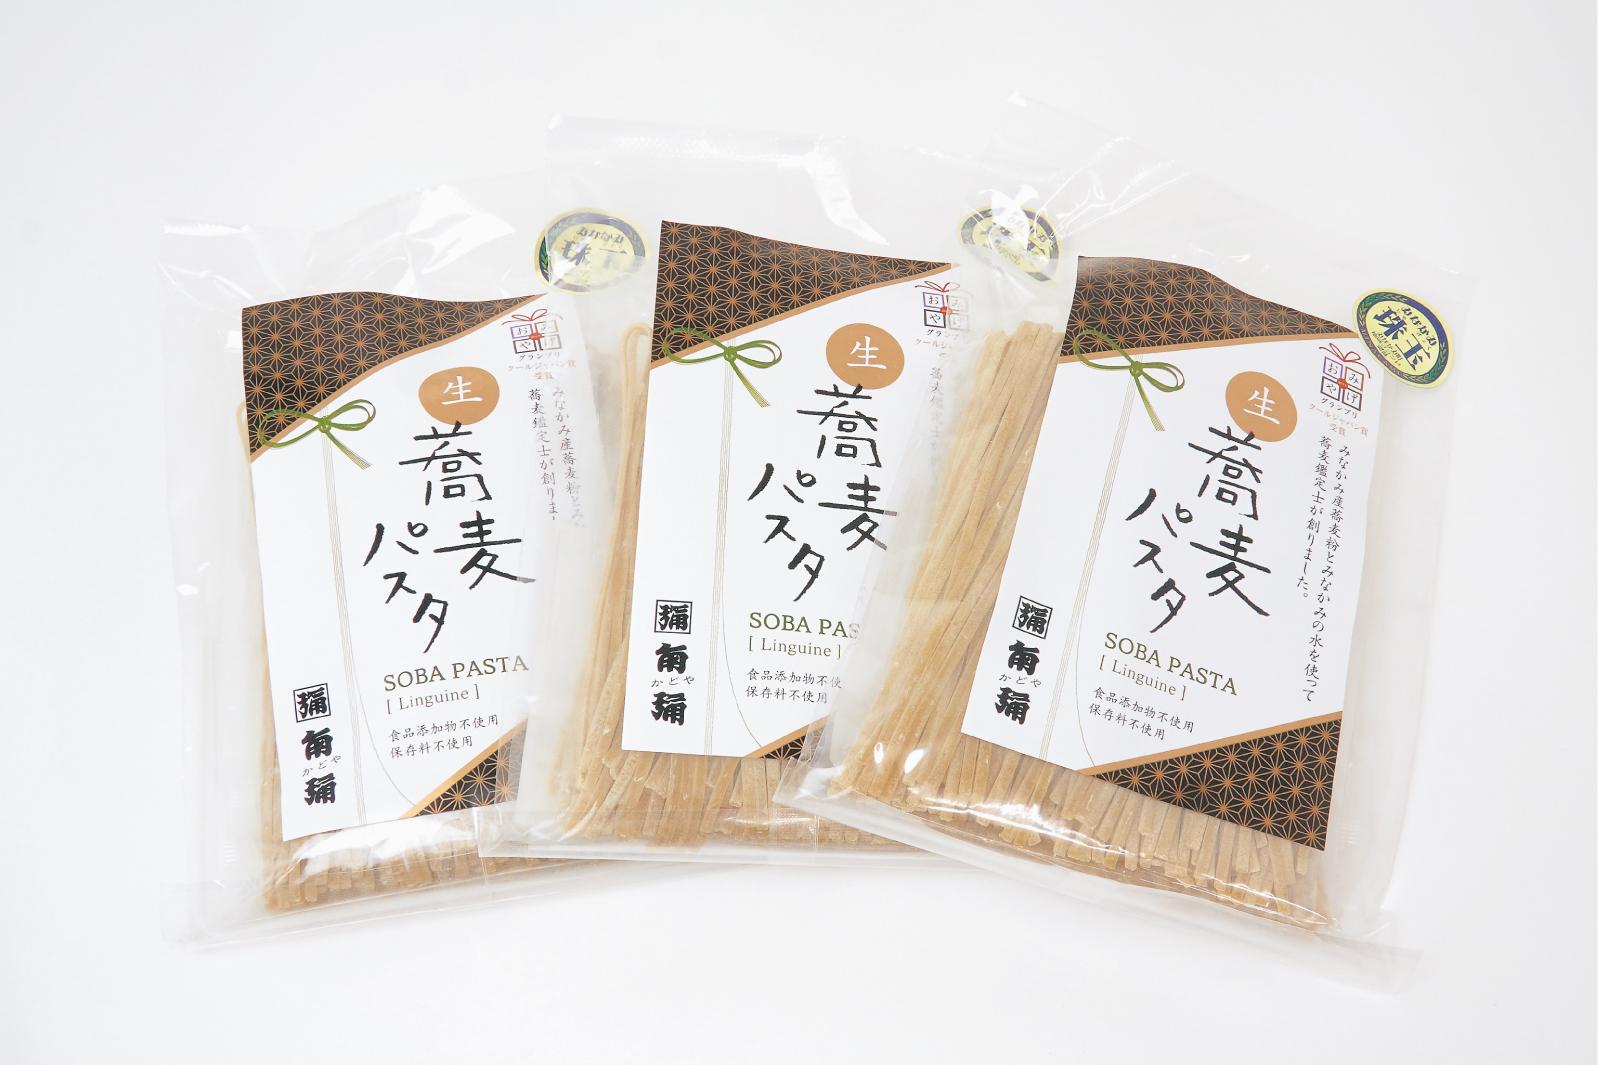 【ふるさと納税】【角弥】生蕎麦パスタ「リングイネ」6人前